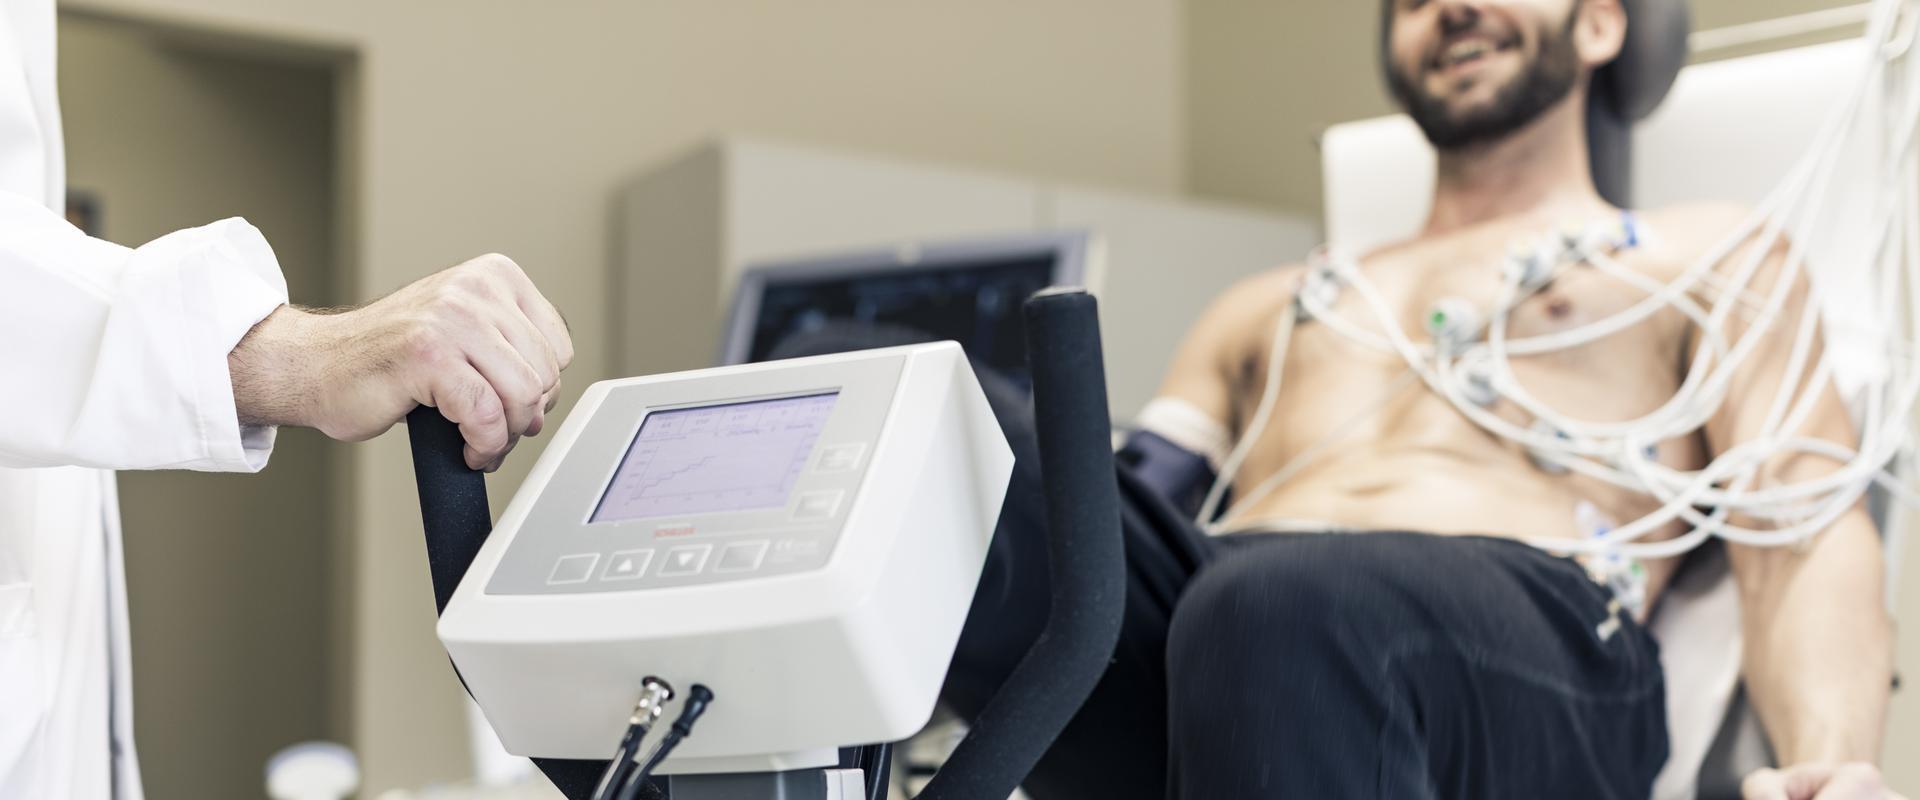 Patient wird im MEDIAN ambulantes Gesundheitszentrum Hannover untersucht